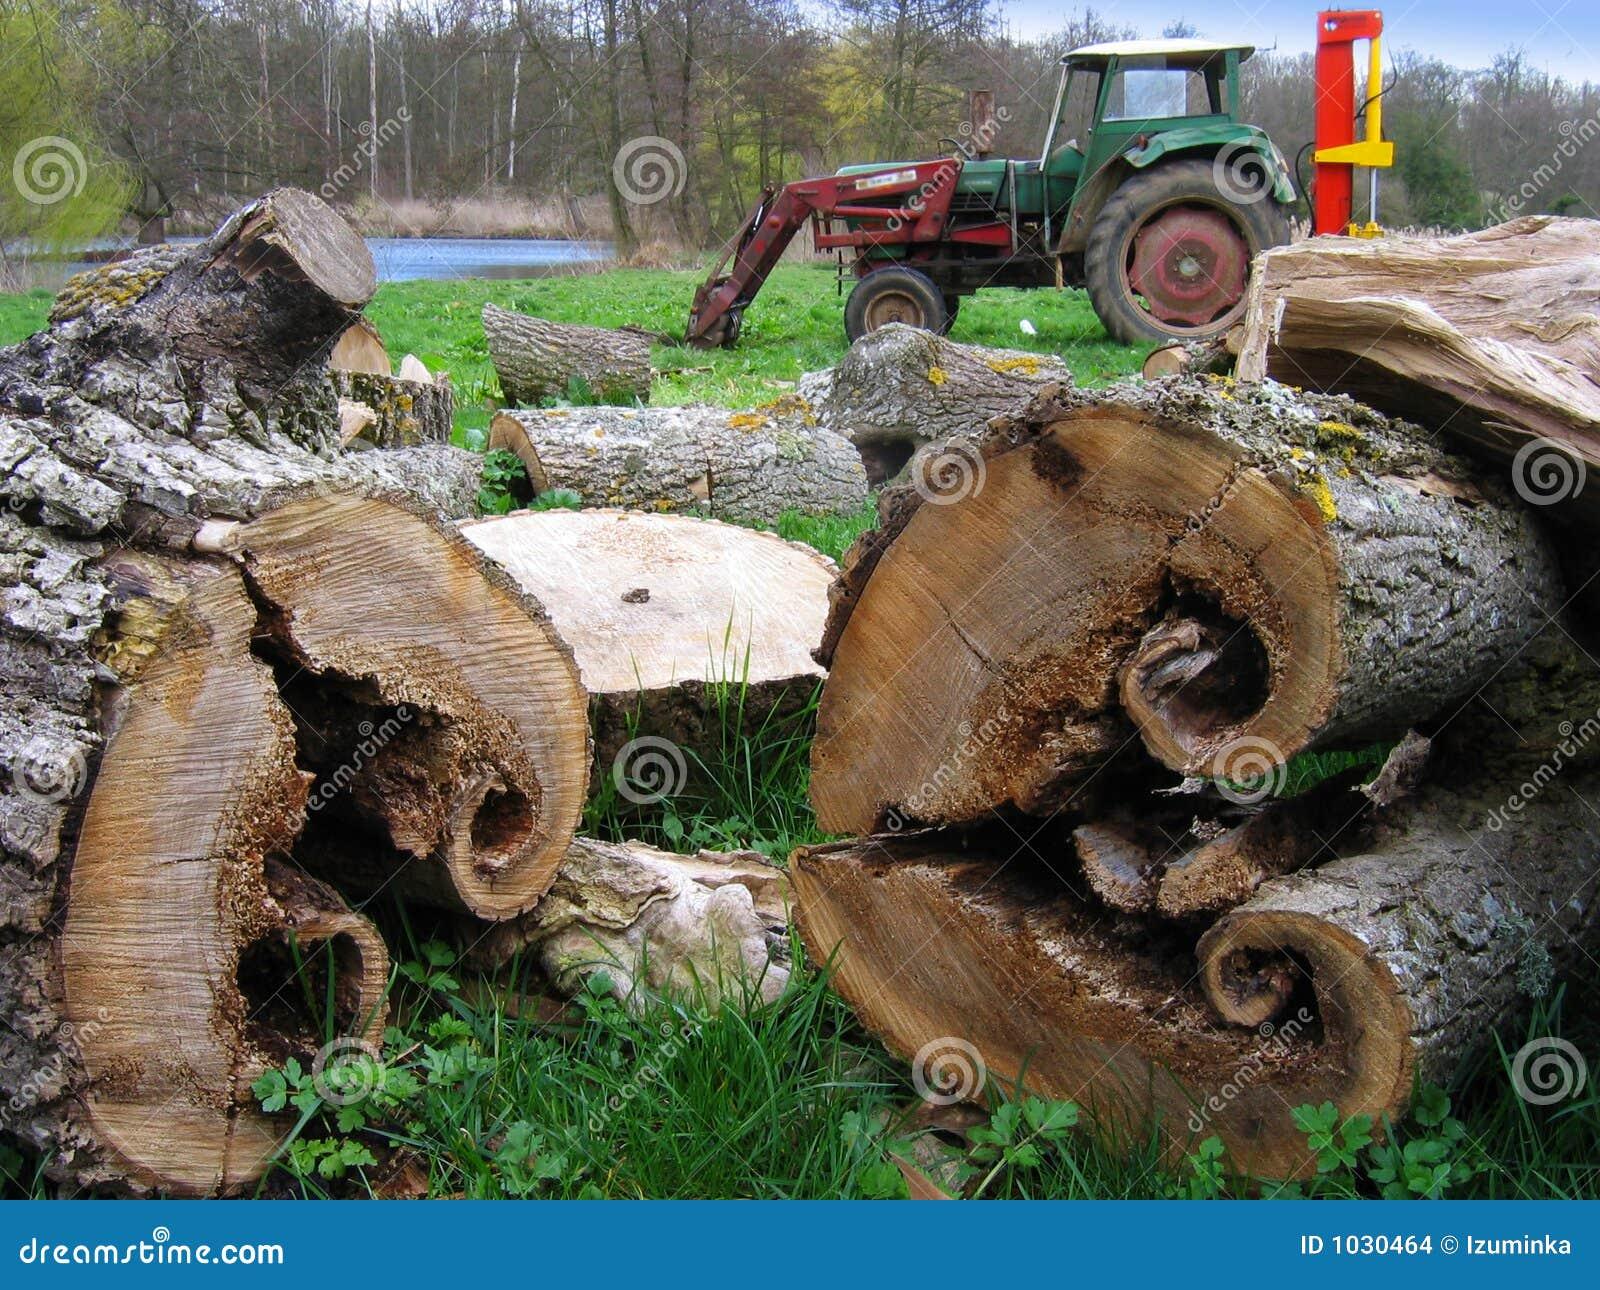 Bois coupe avec tracteur stock images image 1030464 - Couper bois avec meuleuse ...